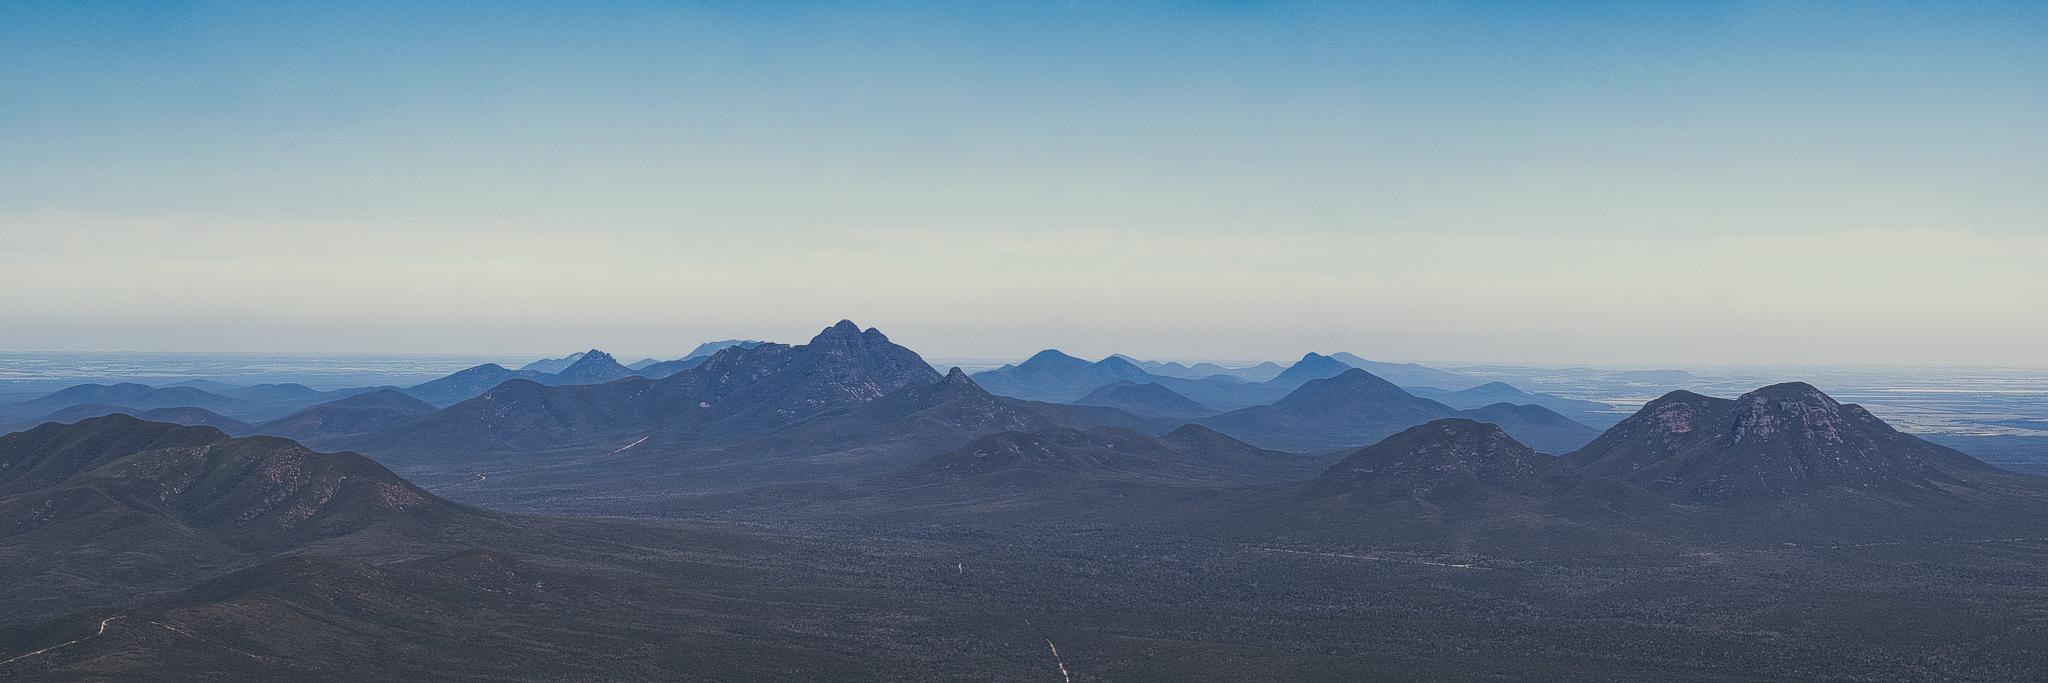 Stirling Range Landscape